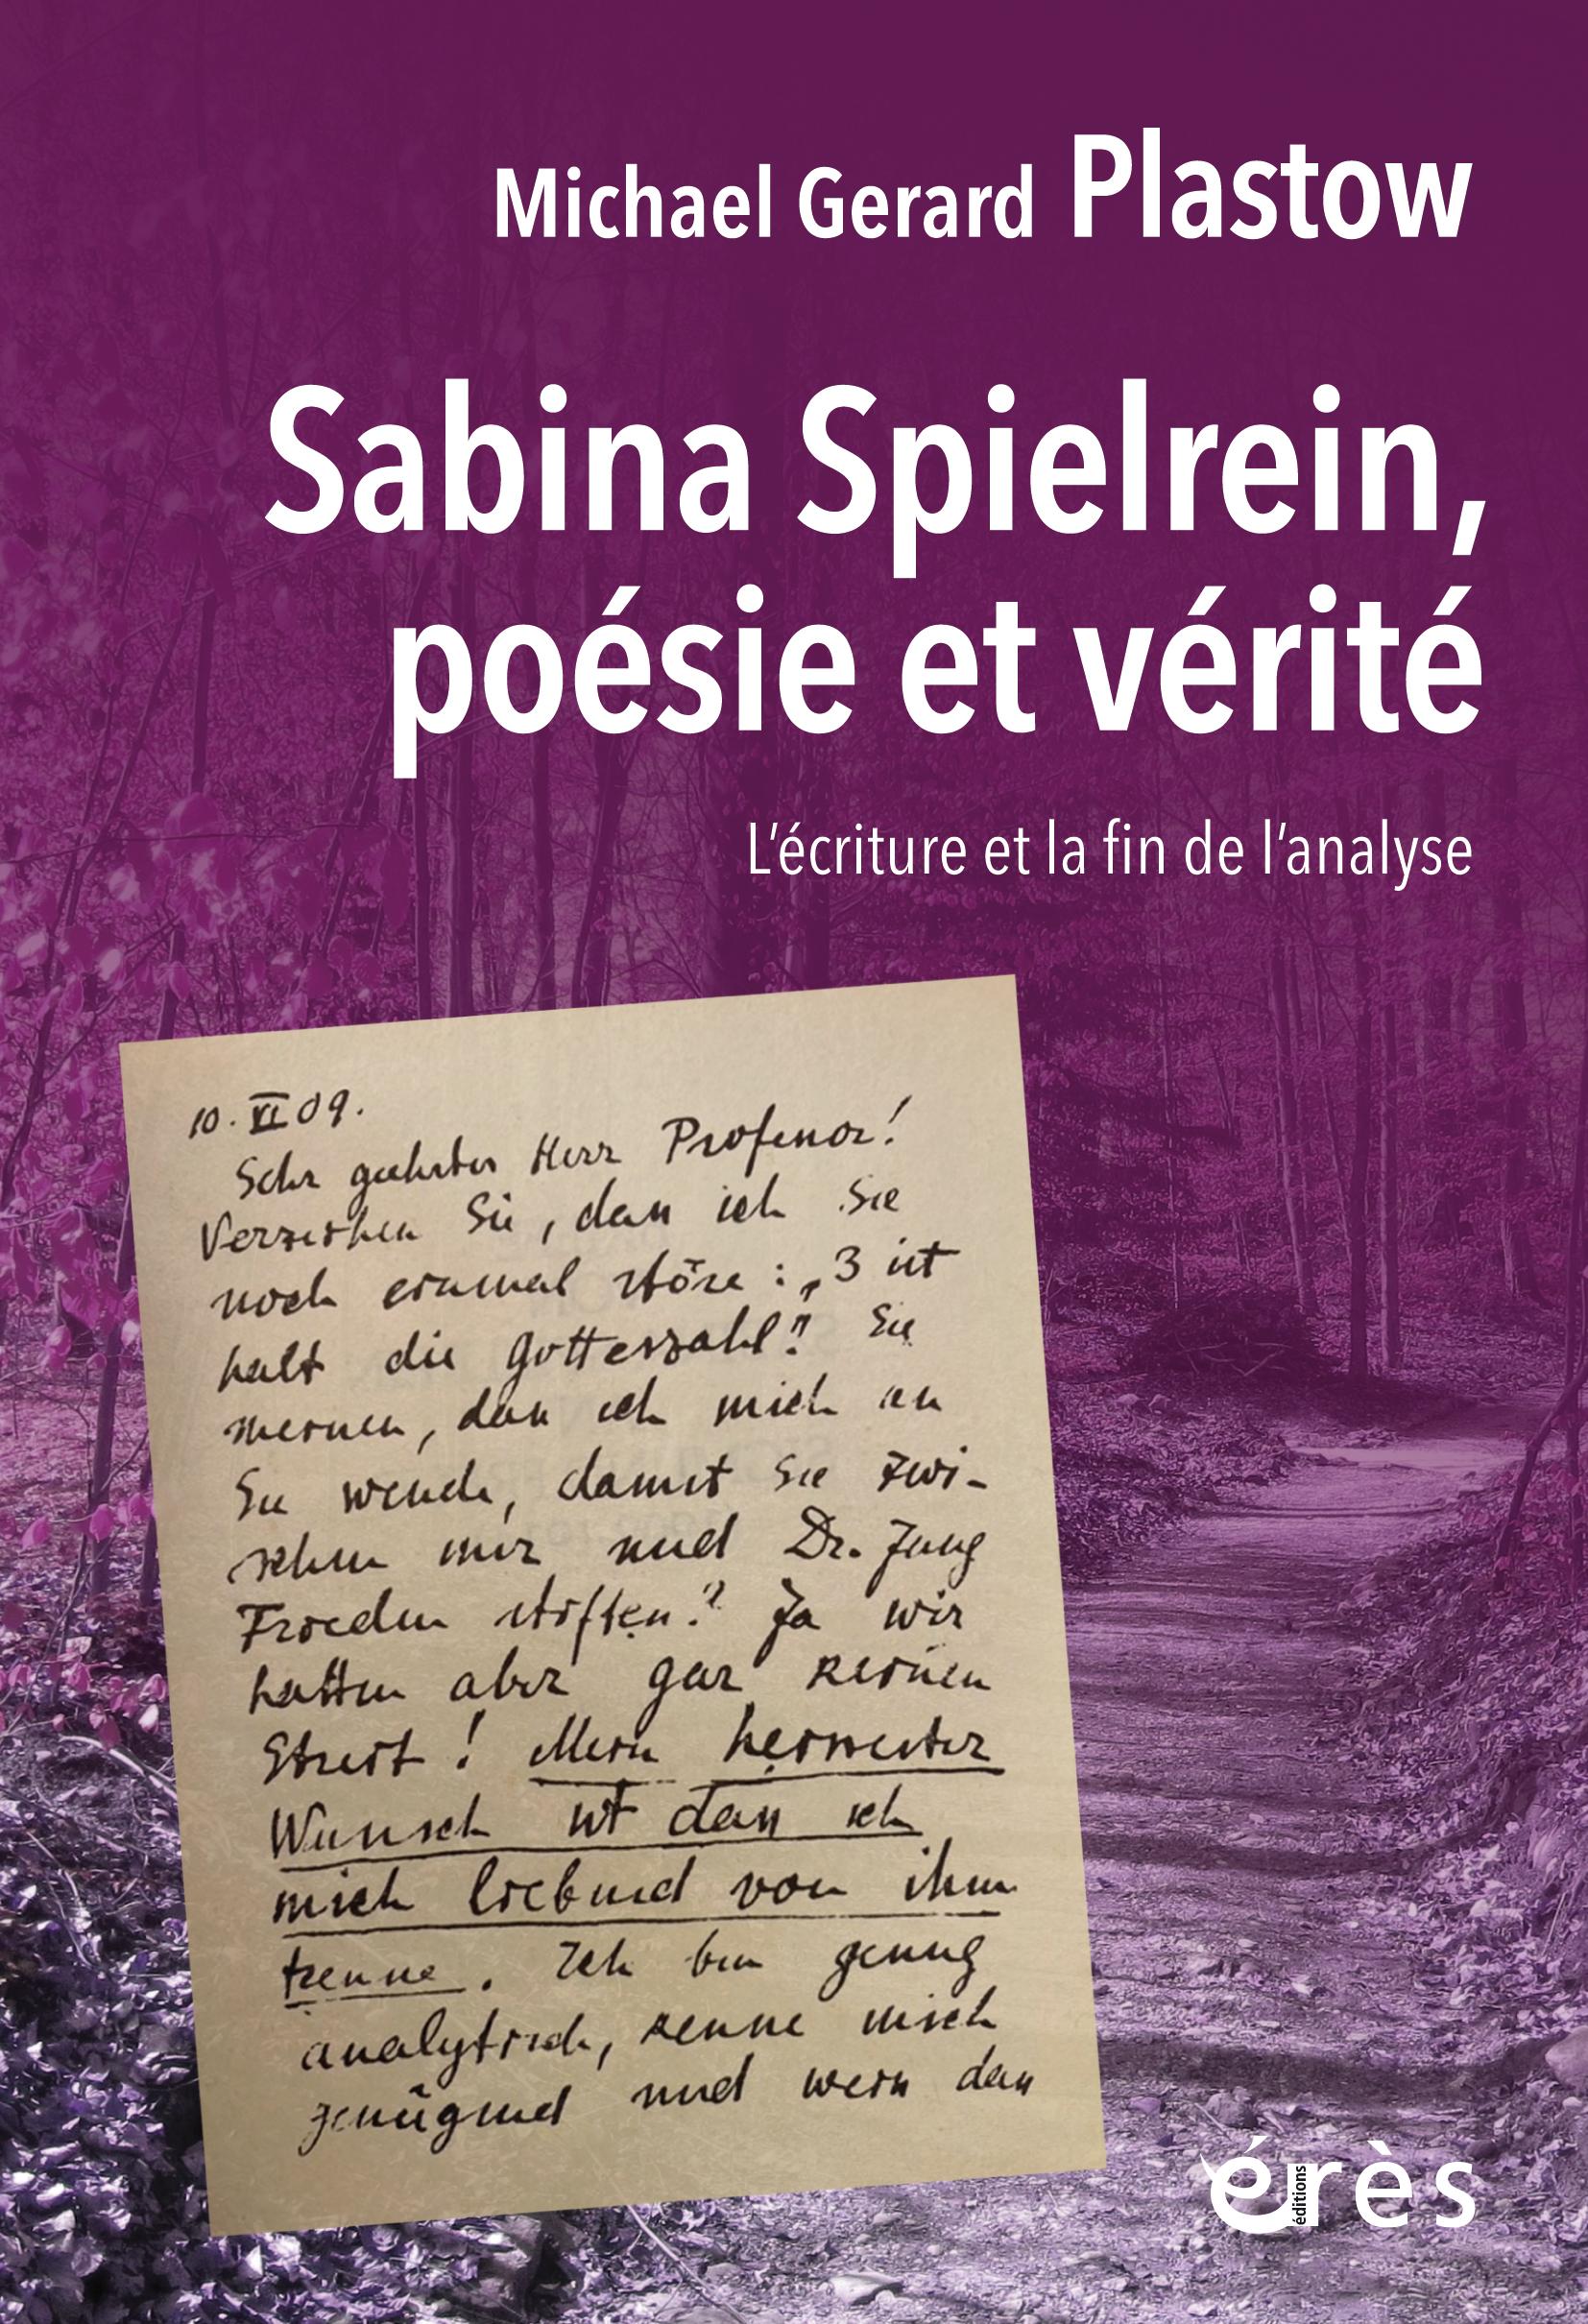 Sabina Spielrein, poésie et vérité. L'écriture et la fin de l'analyse